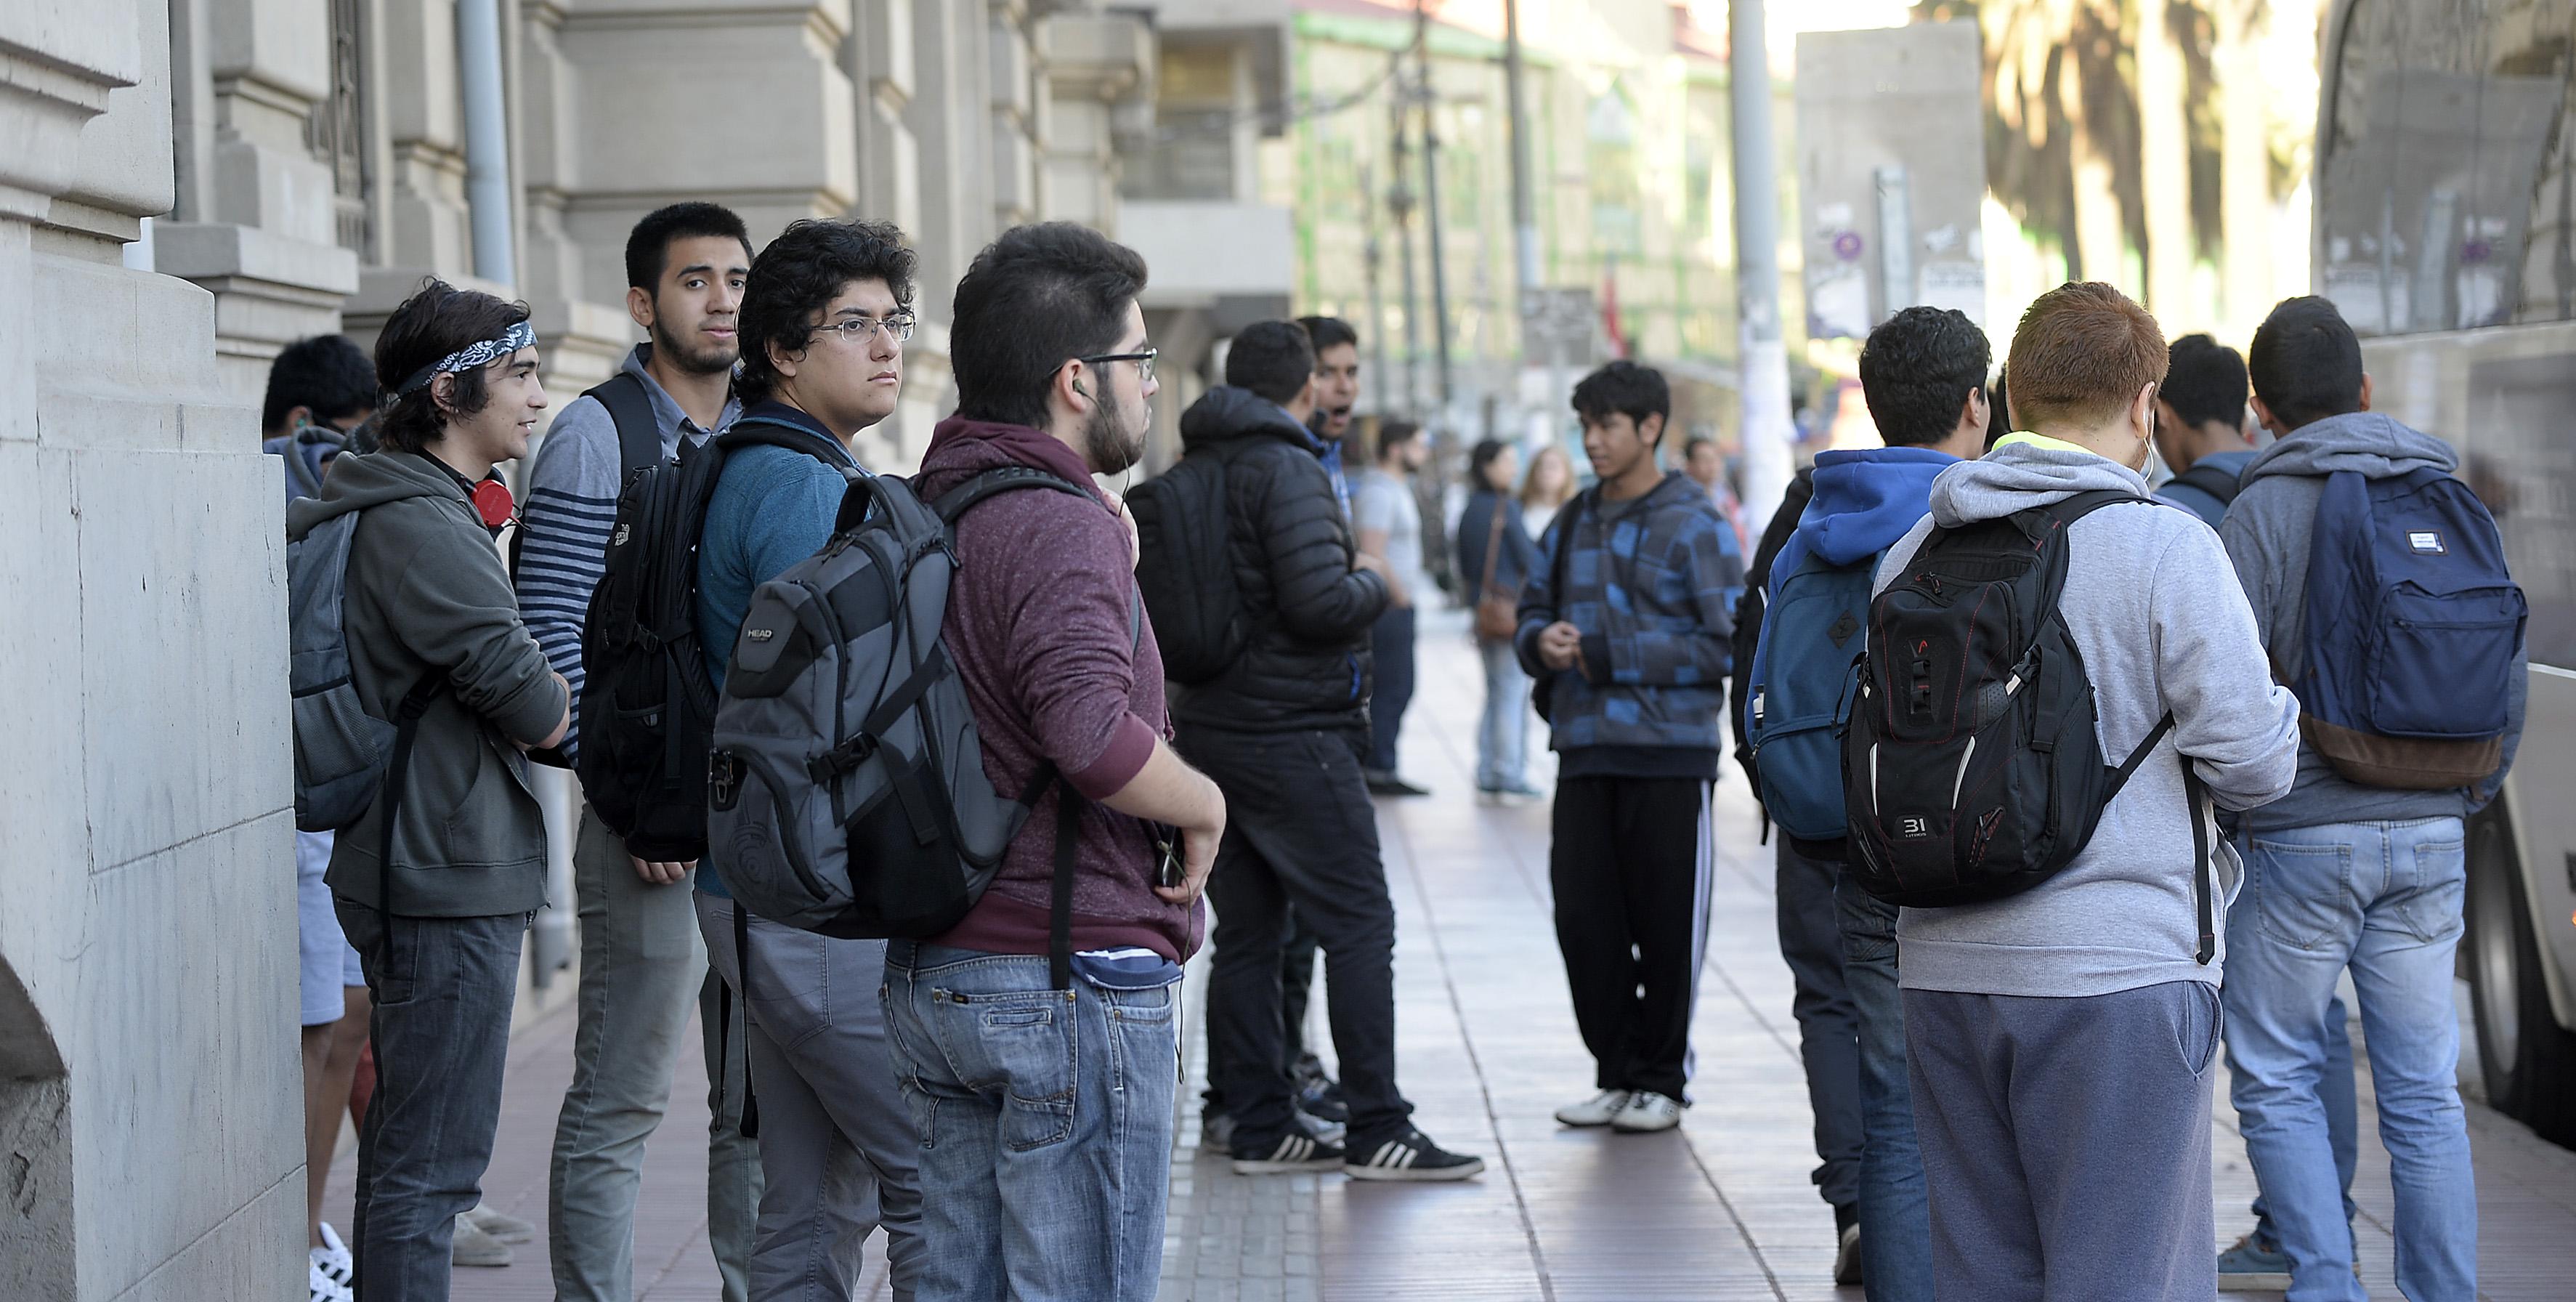 Beneficiados con gratuidad tuvieron menor deserción que el resto de estudiantes universitarios